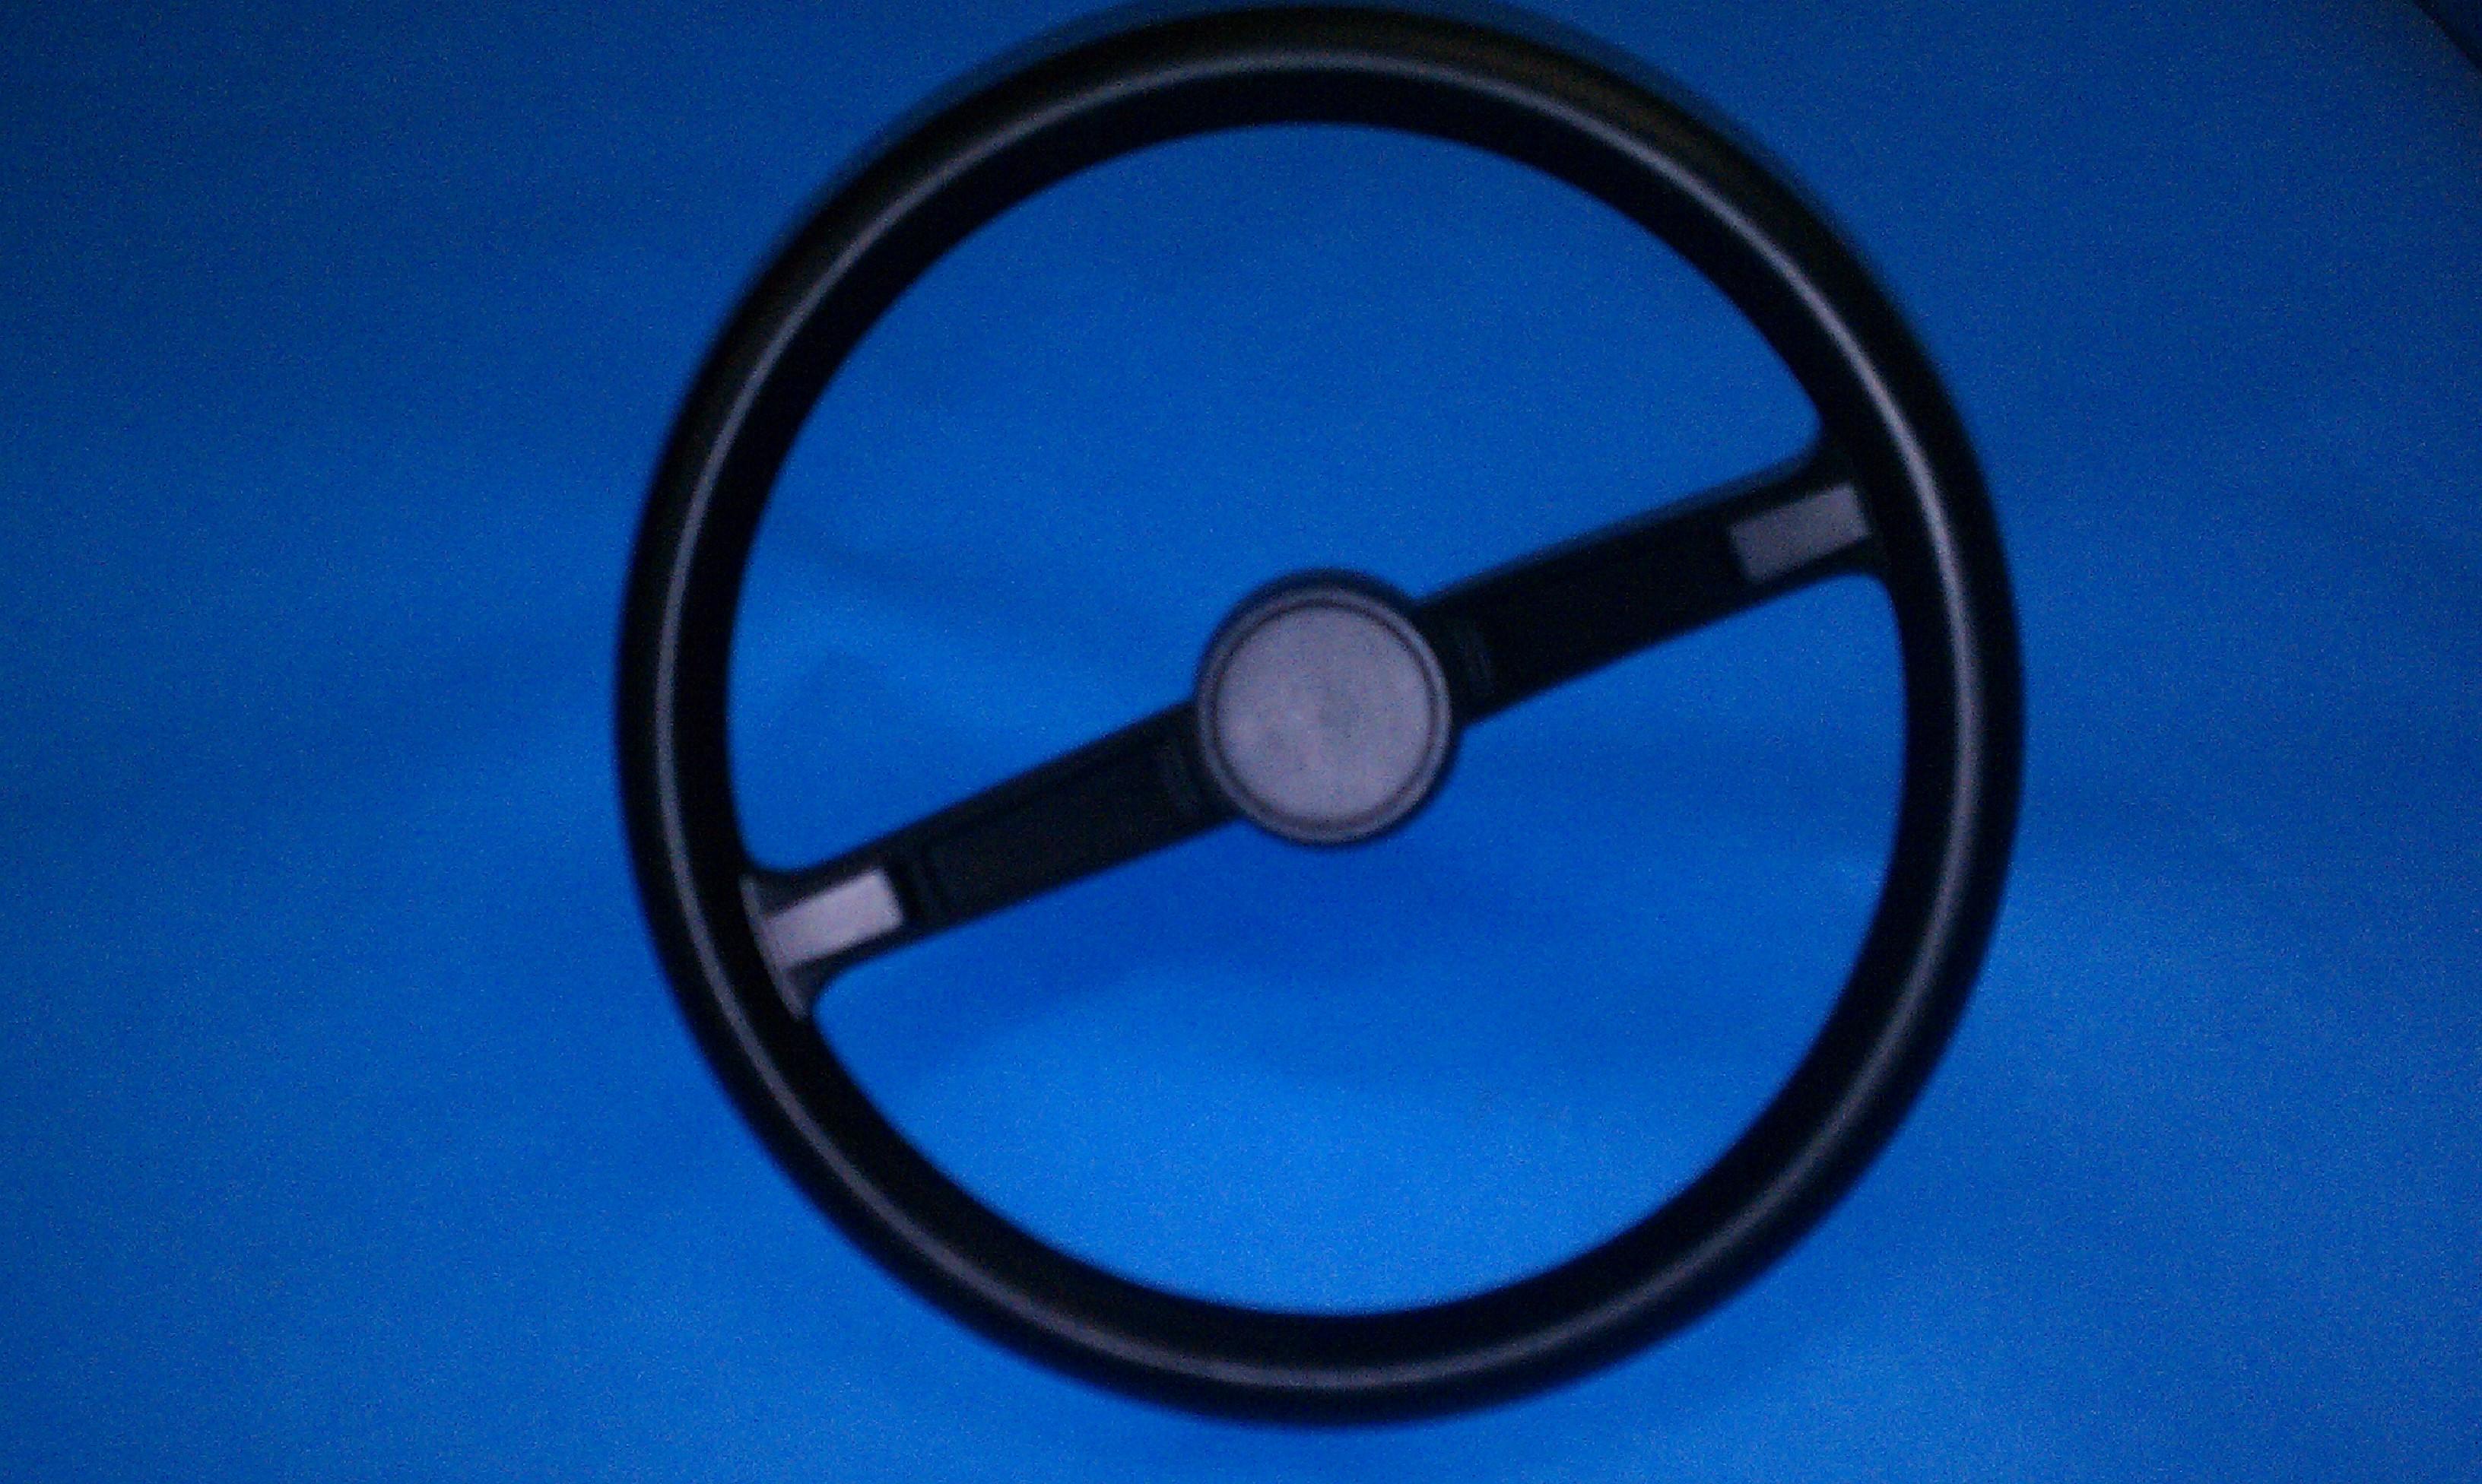 steering-wheel-plastic-black.jpg